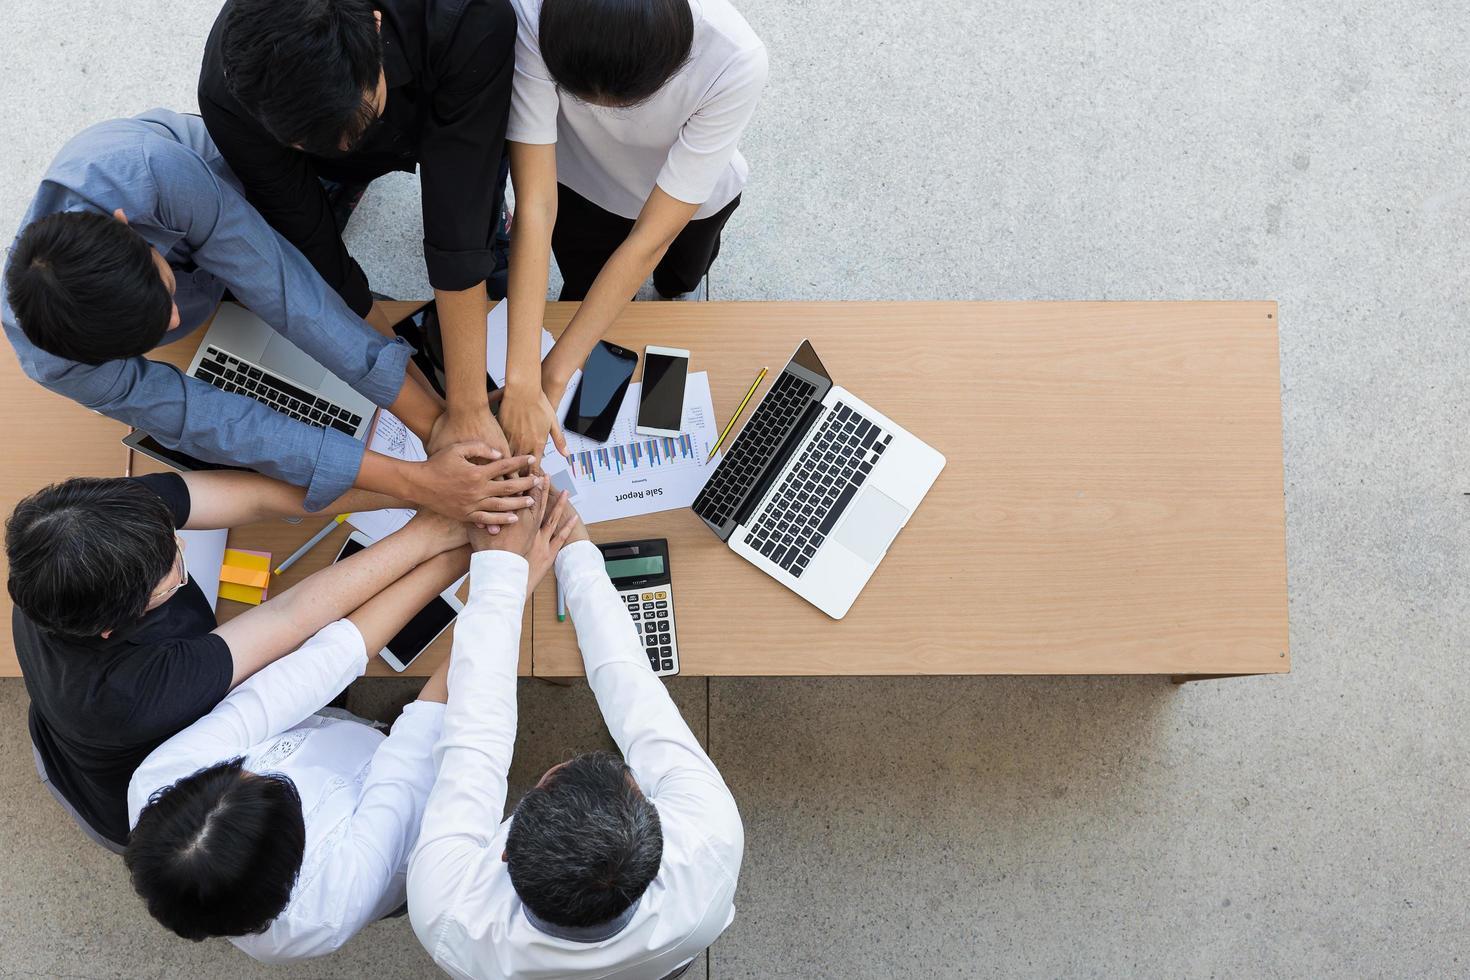 Gruppe von Geschäftsleuten in einem Kollaborationskonzept foto